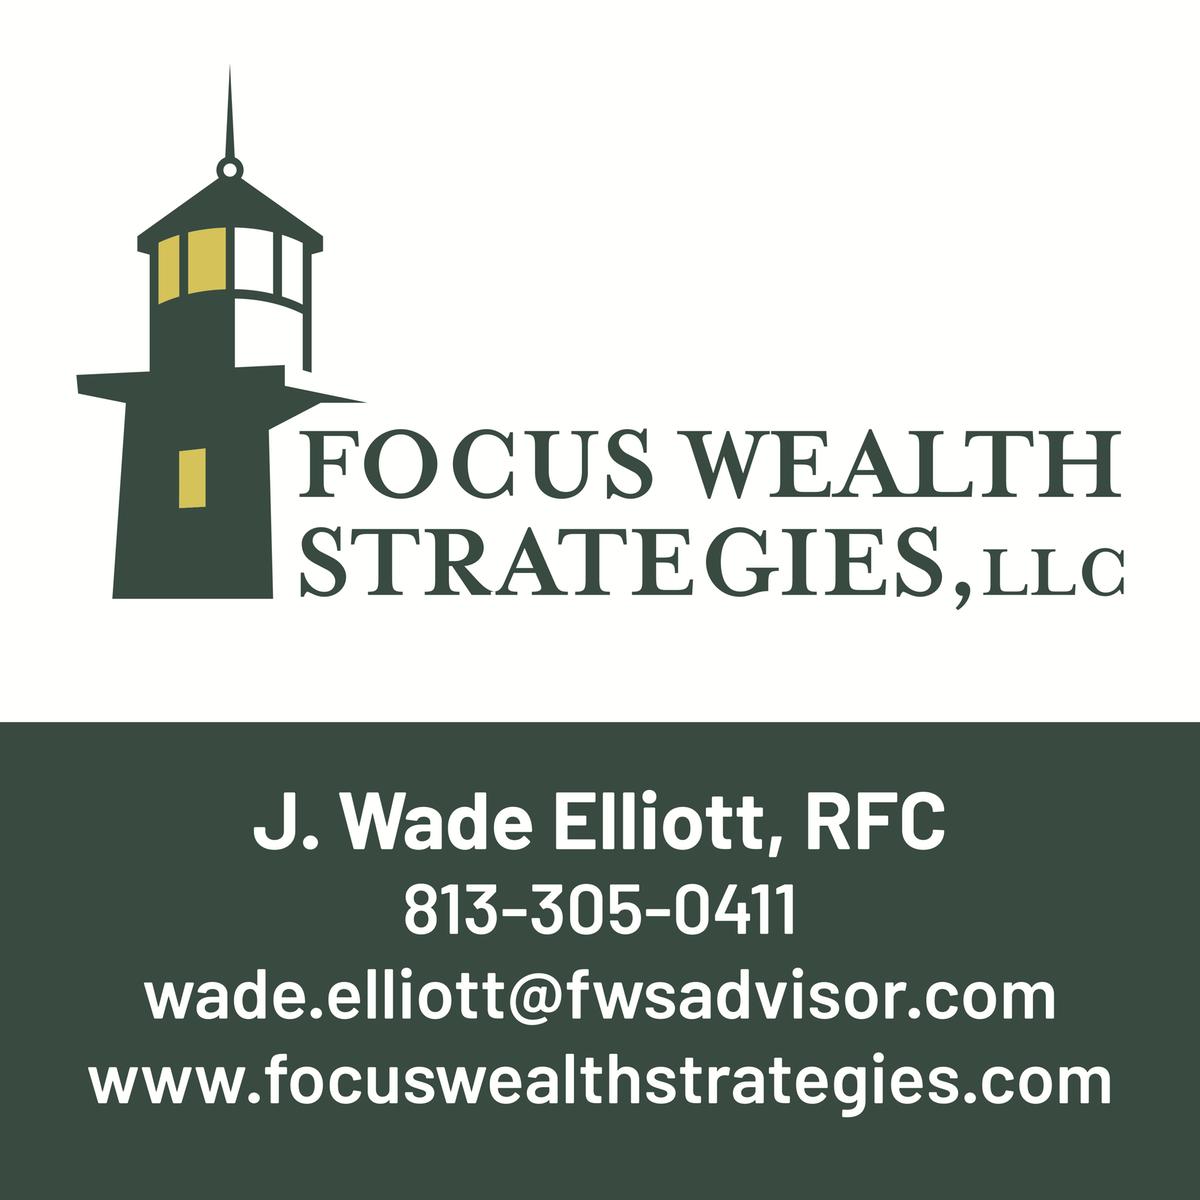 Focus Wealth Strategies